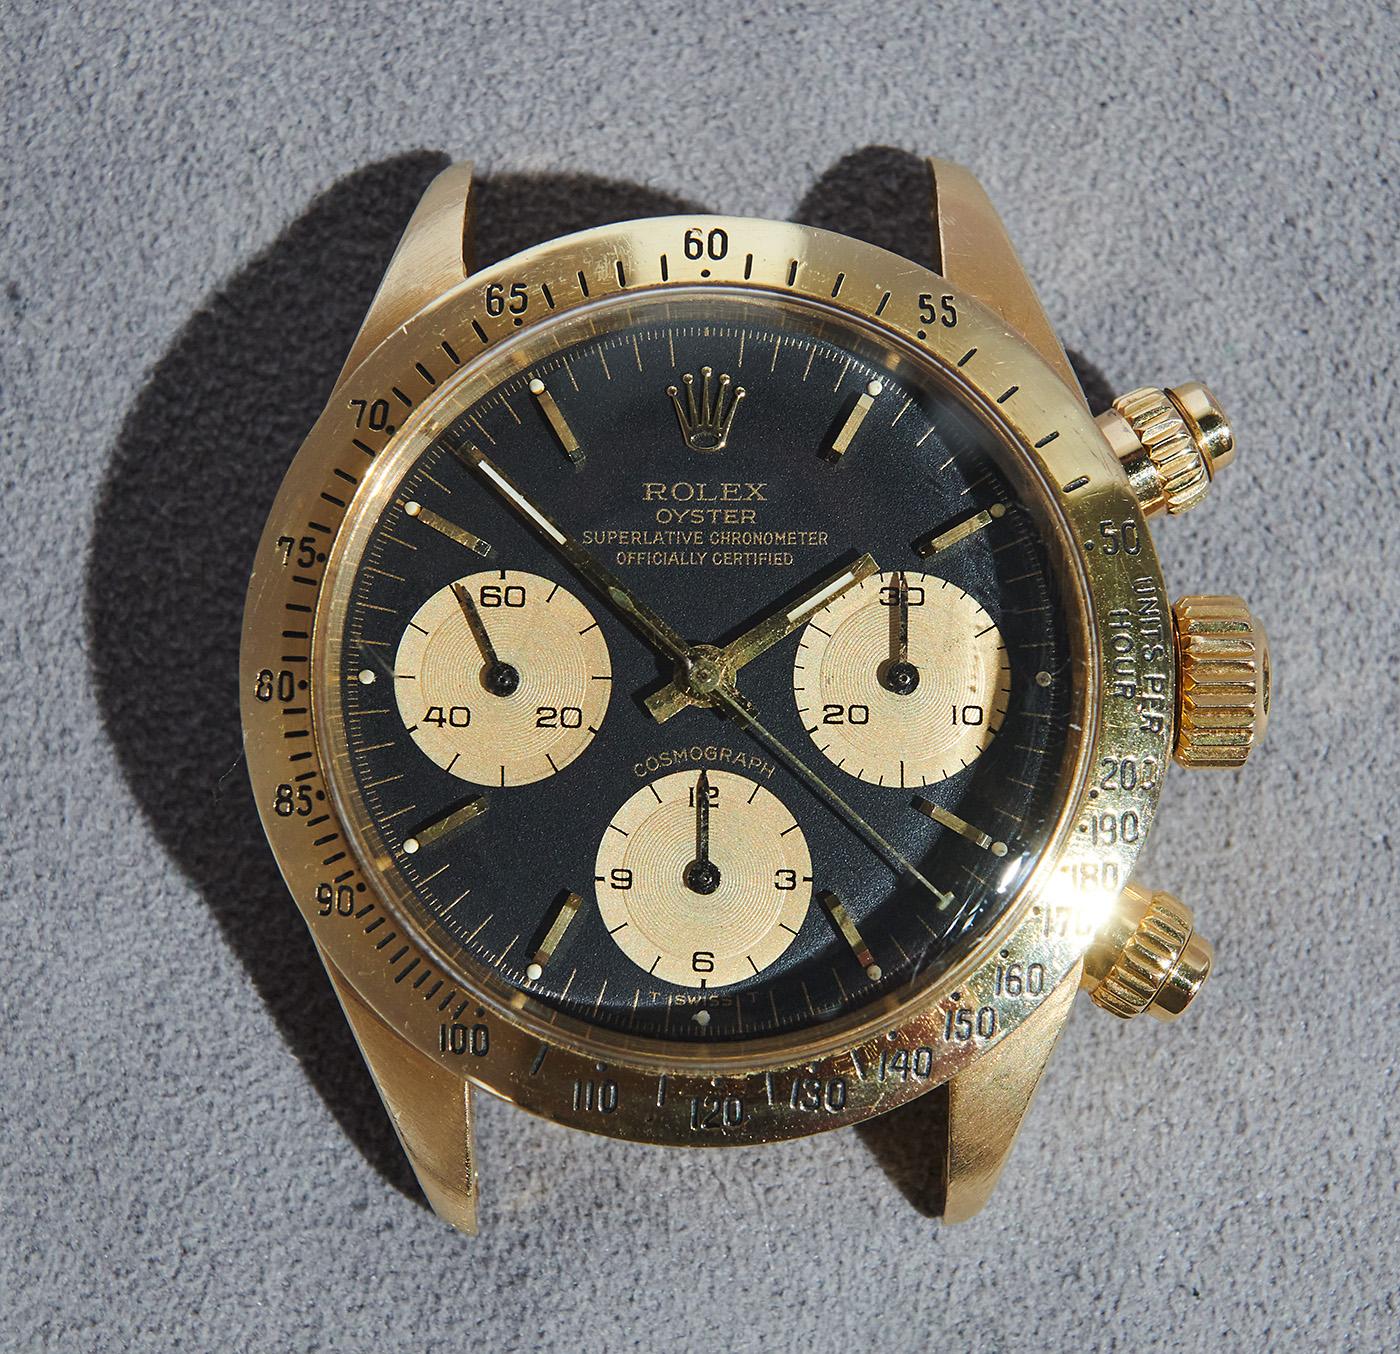 Rolex daytona 6265/8 yellowgold